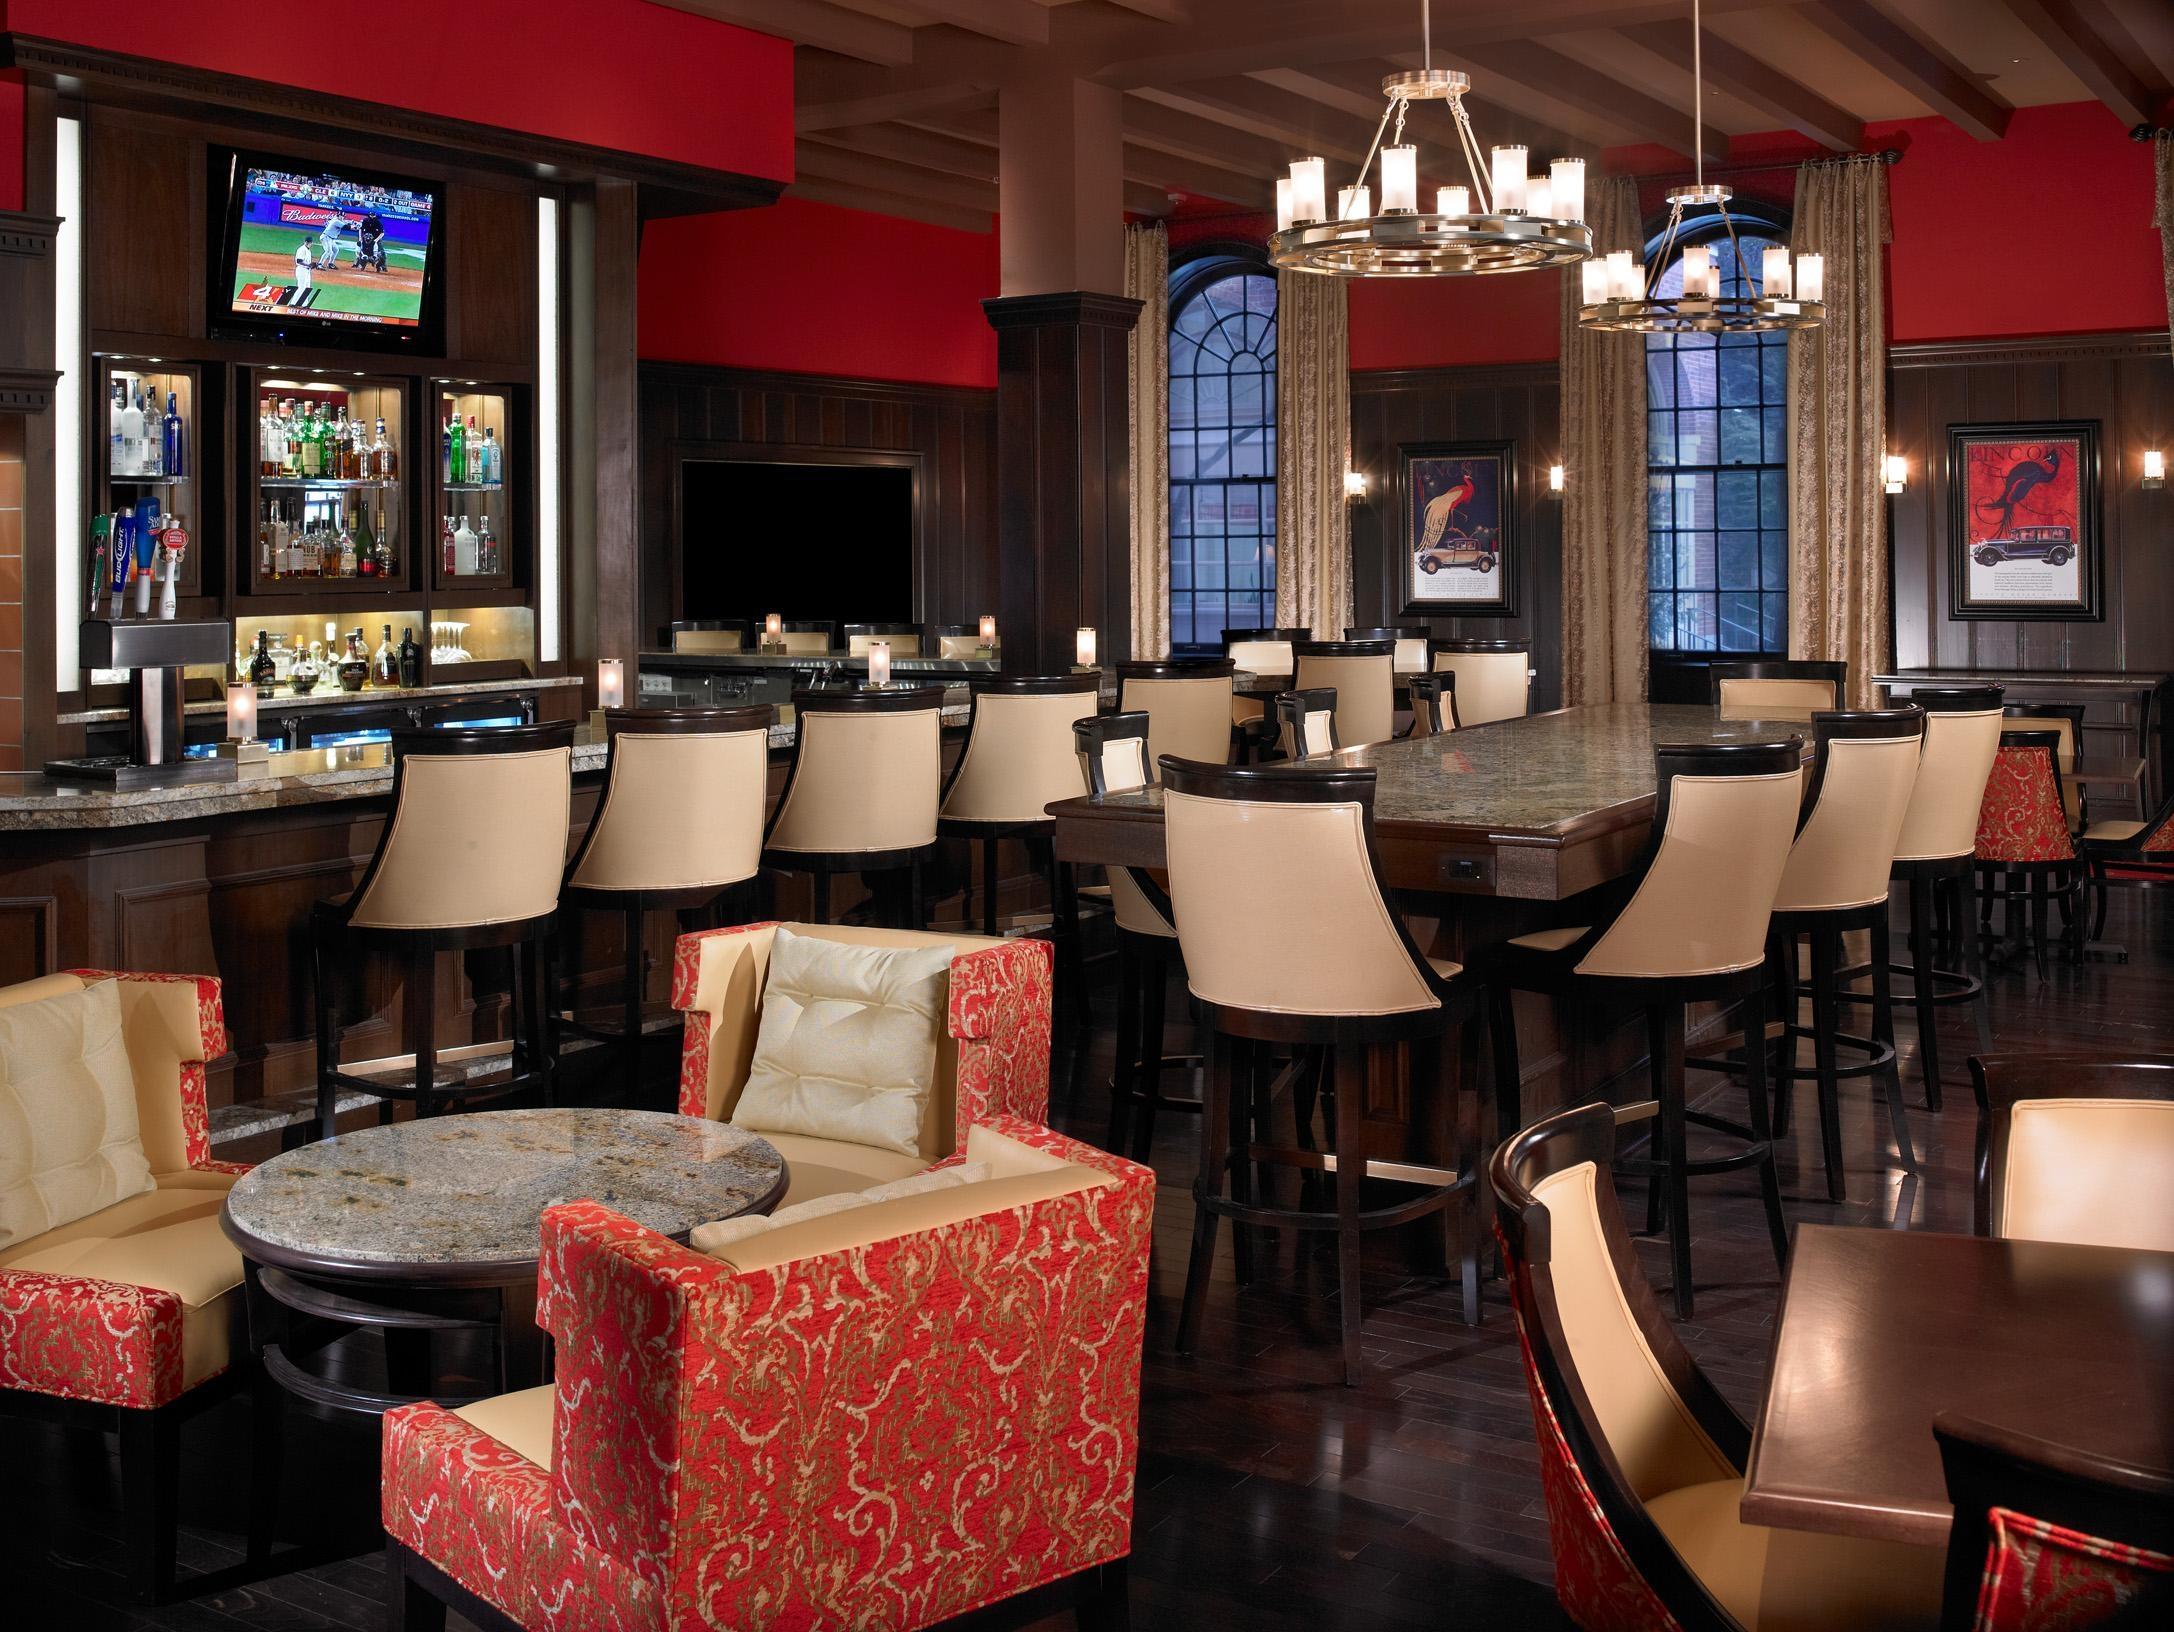 The Dearborn Inn, A Marriott Hotel image 5